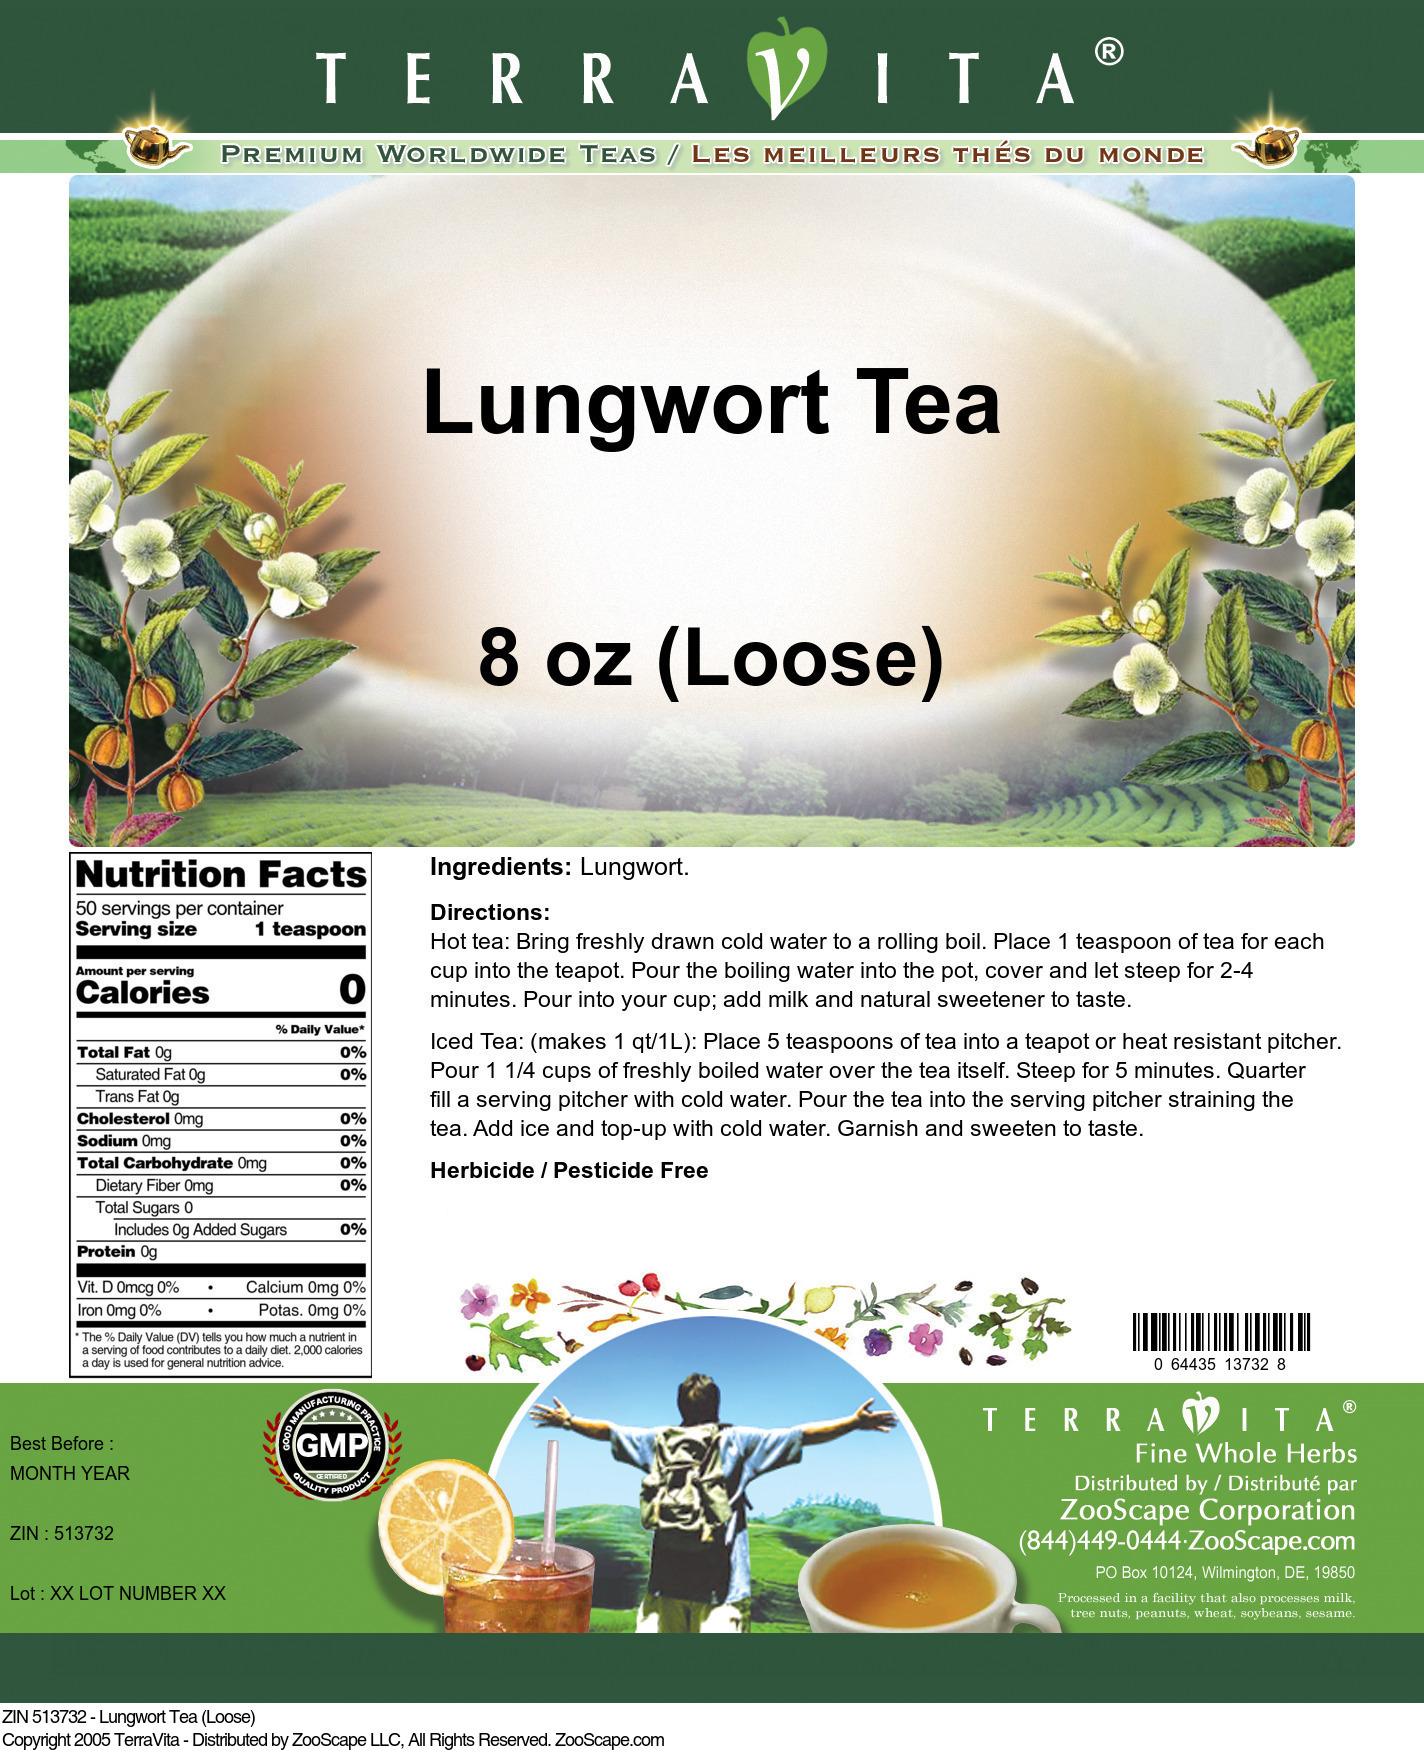 Lungwort Tea (Loose)